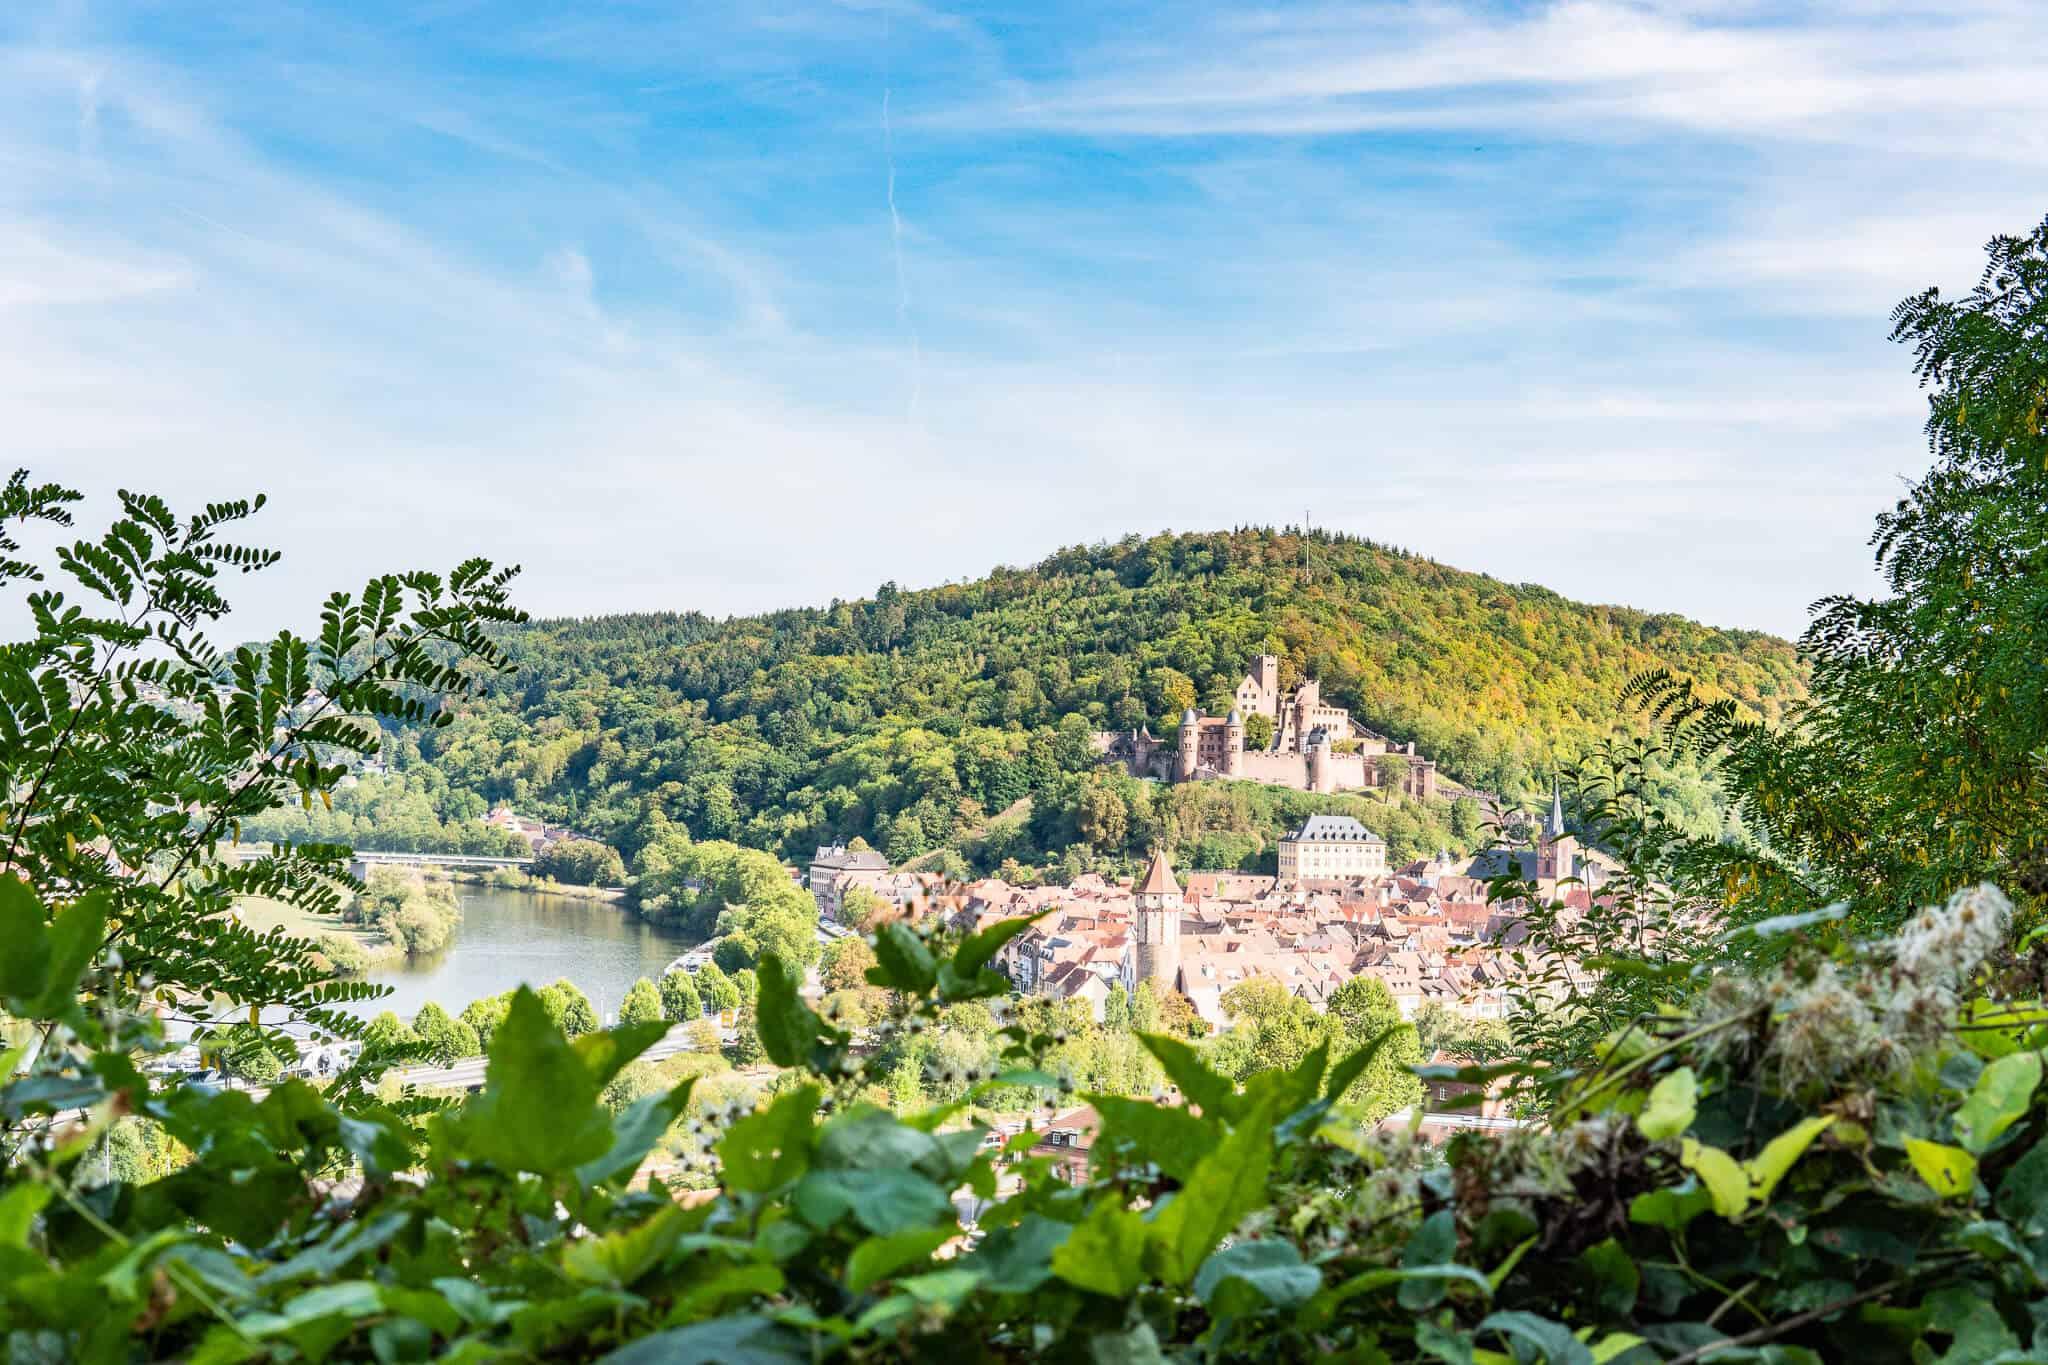 Blick auf die Burg Wertheim